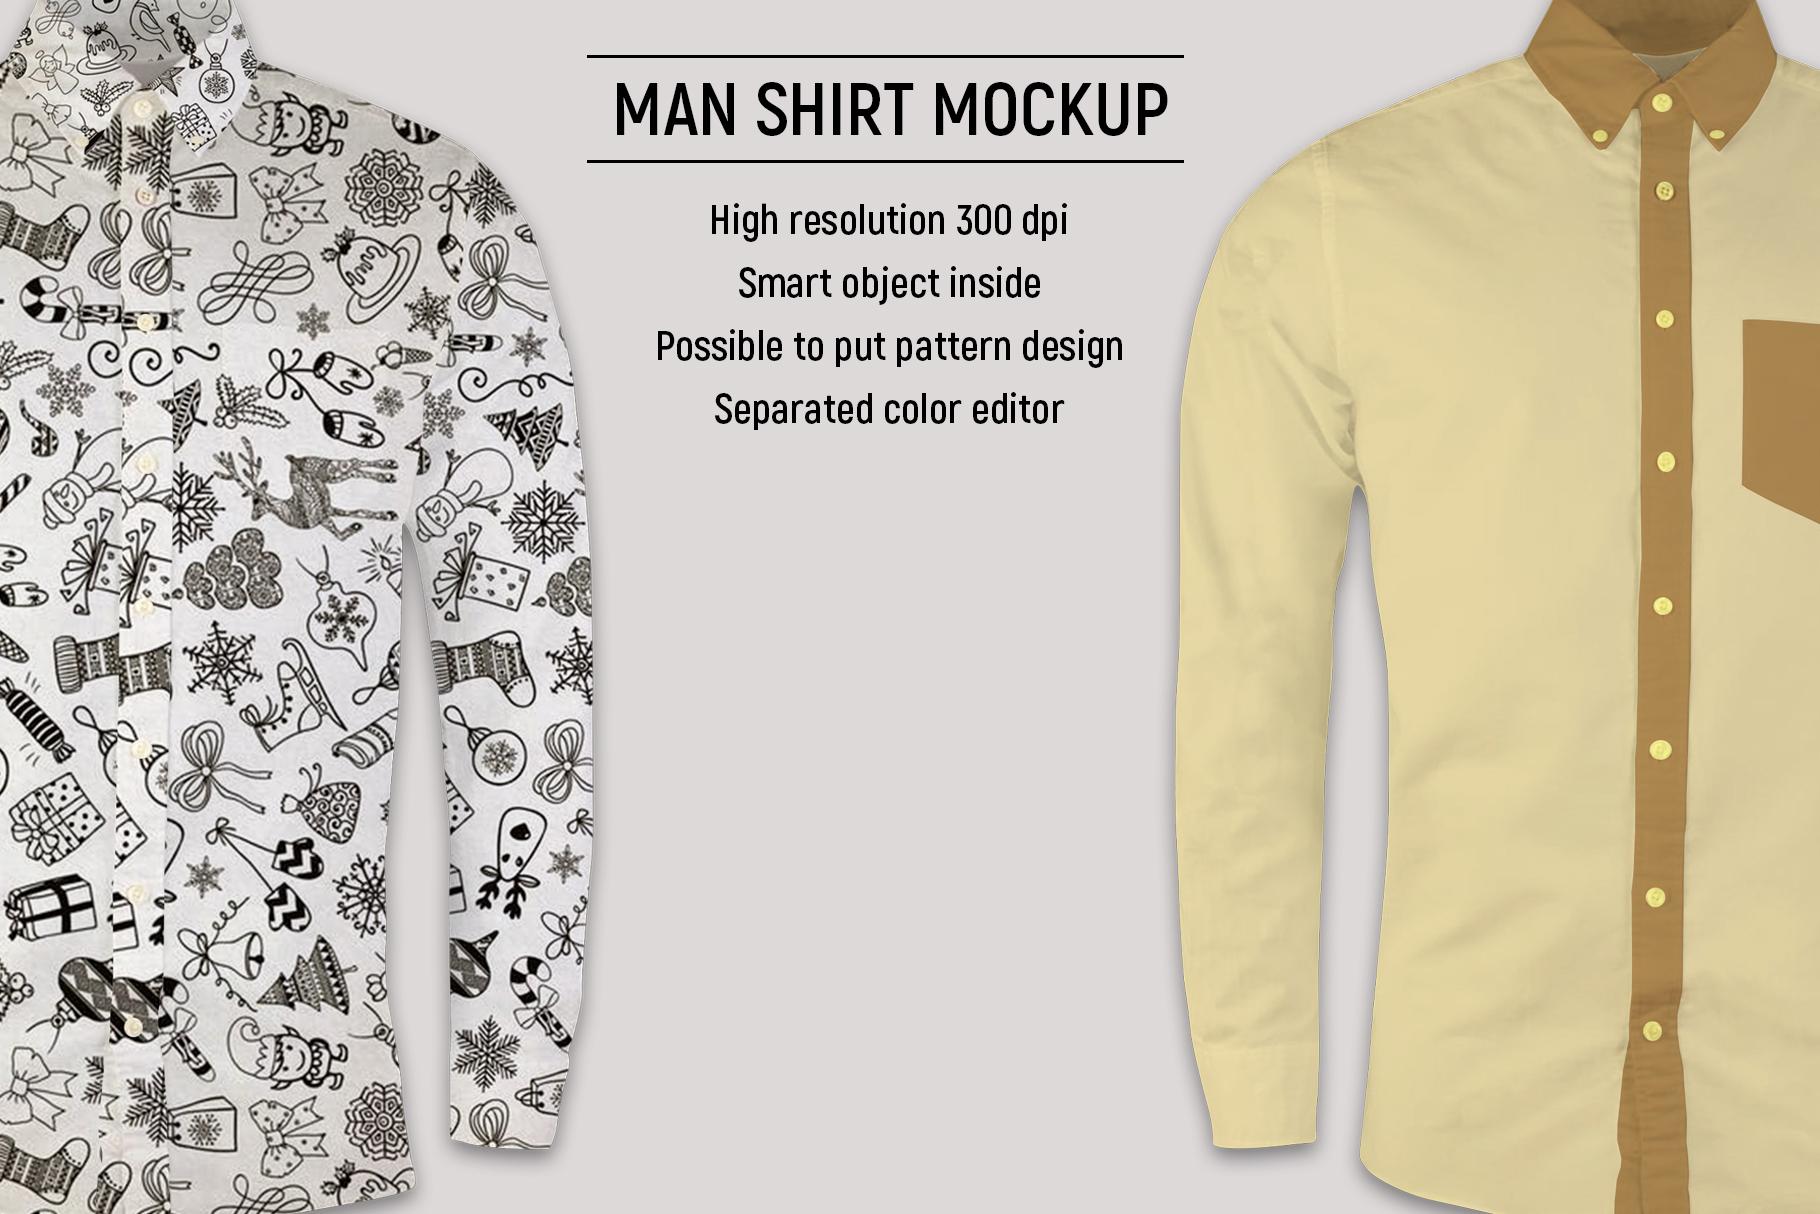 Man shirt mockup example image 2